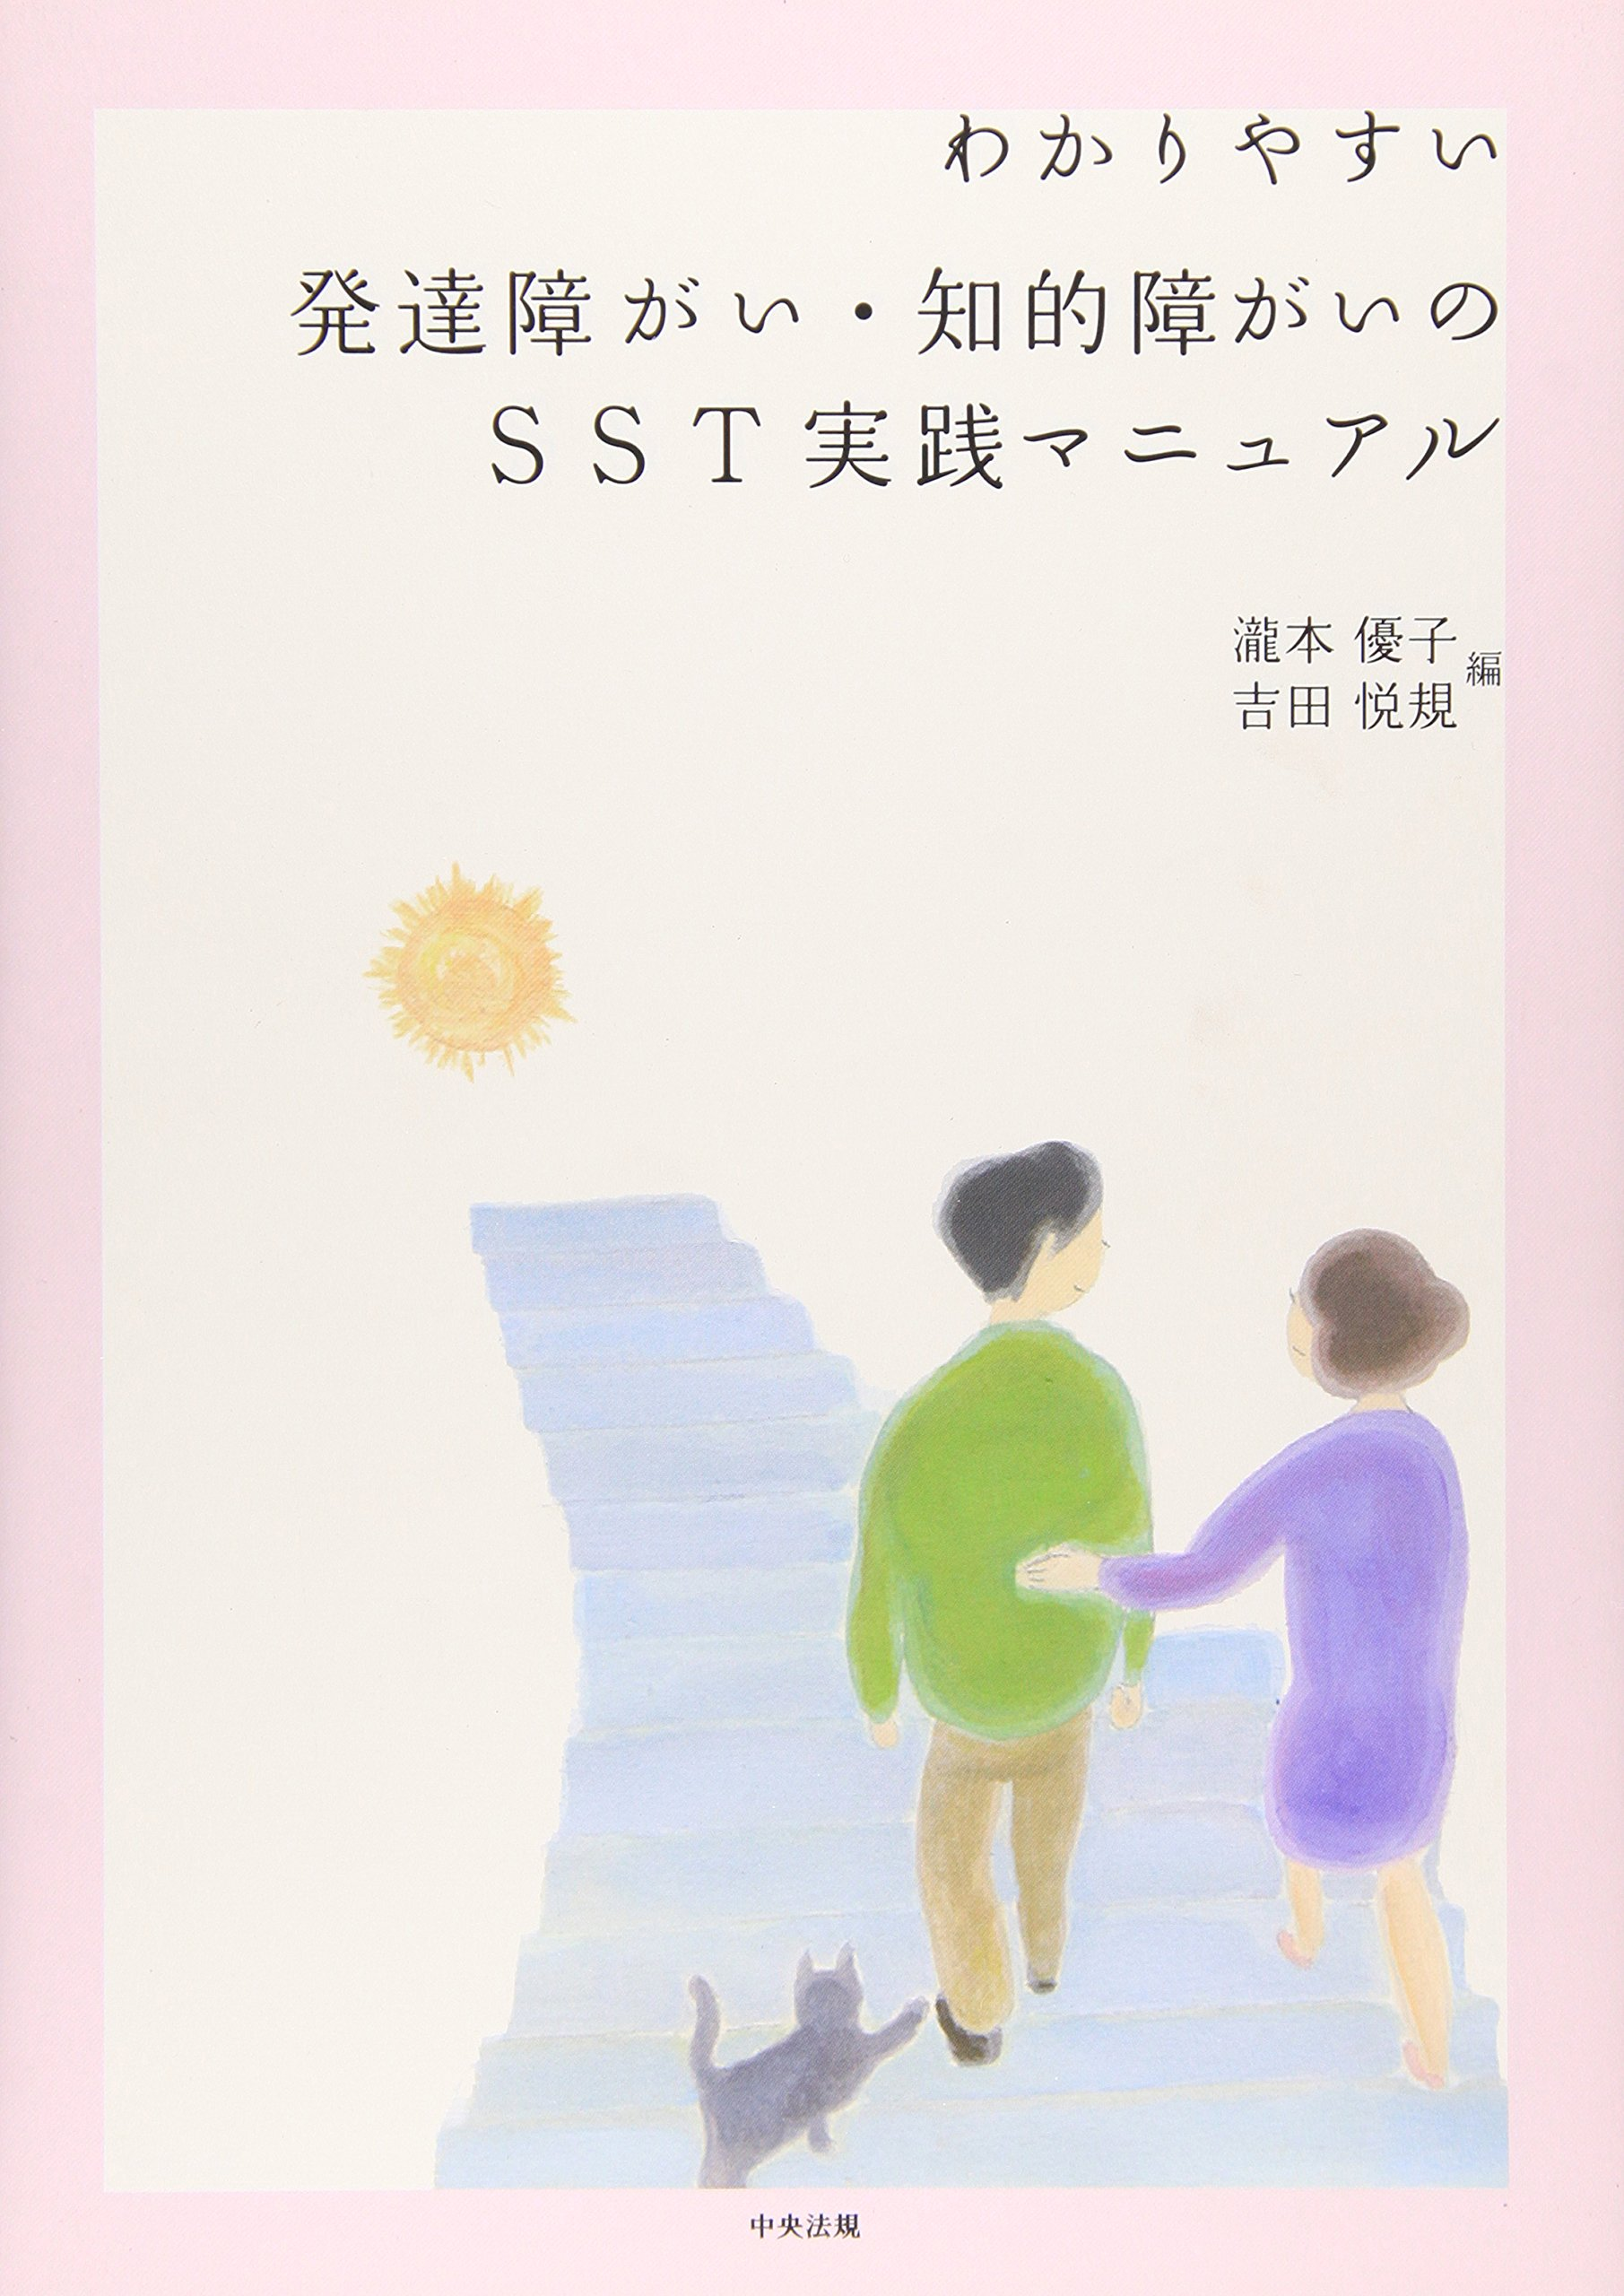 Read Online Wakariyasui hattatsu shōgai chiteki shōgai no esuesutī jissen manyuaru PDF